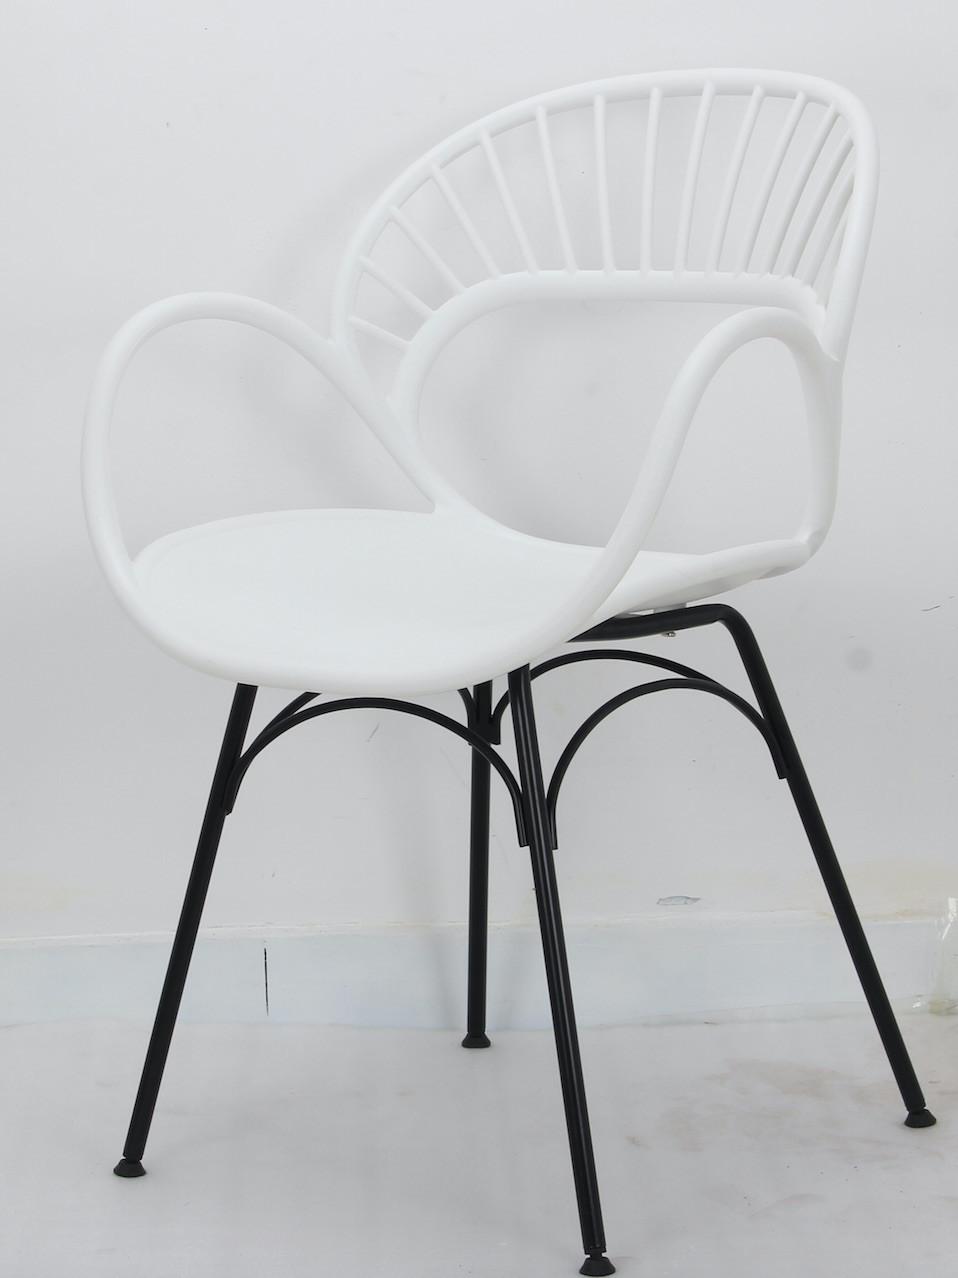 Кресло пластиковое белое в современном стиле Flori для баров, кафе, ресторанов, стильных квартир